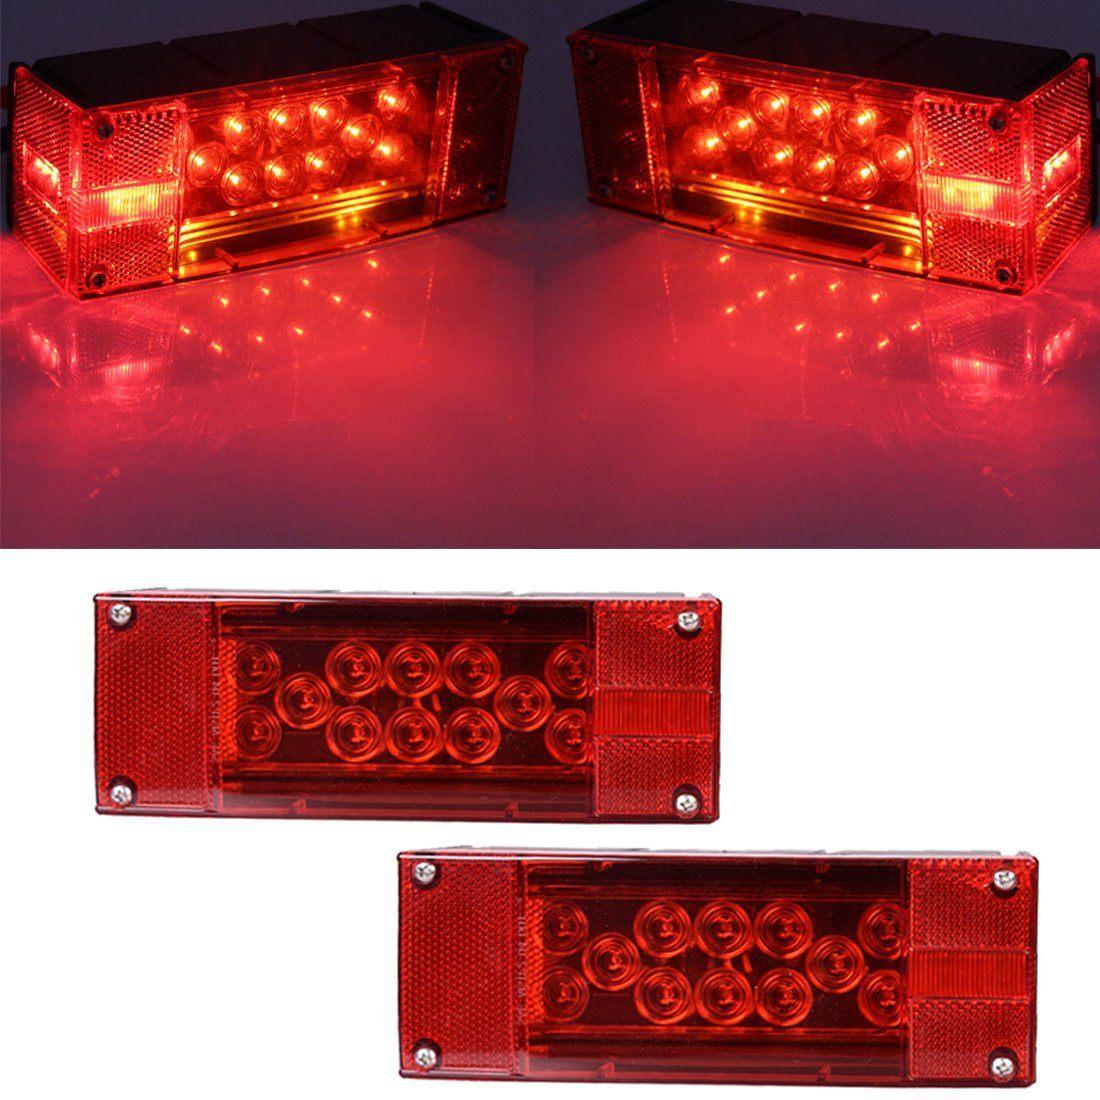 12V LED Thin Rectangular Trailer Lamp Kit Taillight Stop Rotate Boat Trailer Transport Light Marine yamaha led trailer light kit